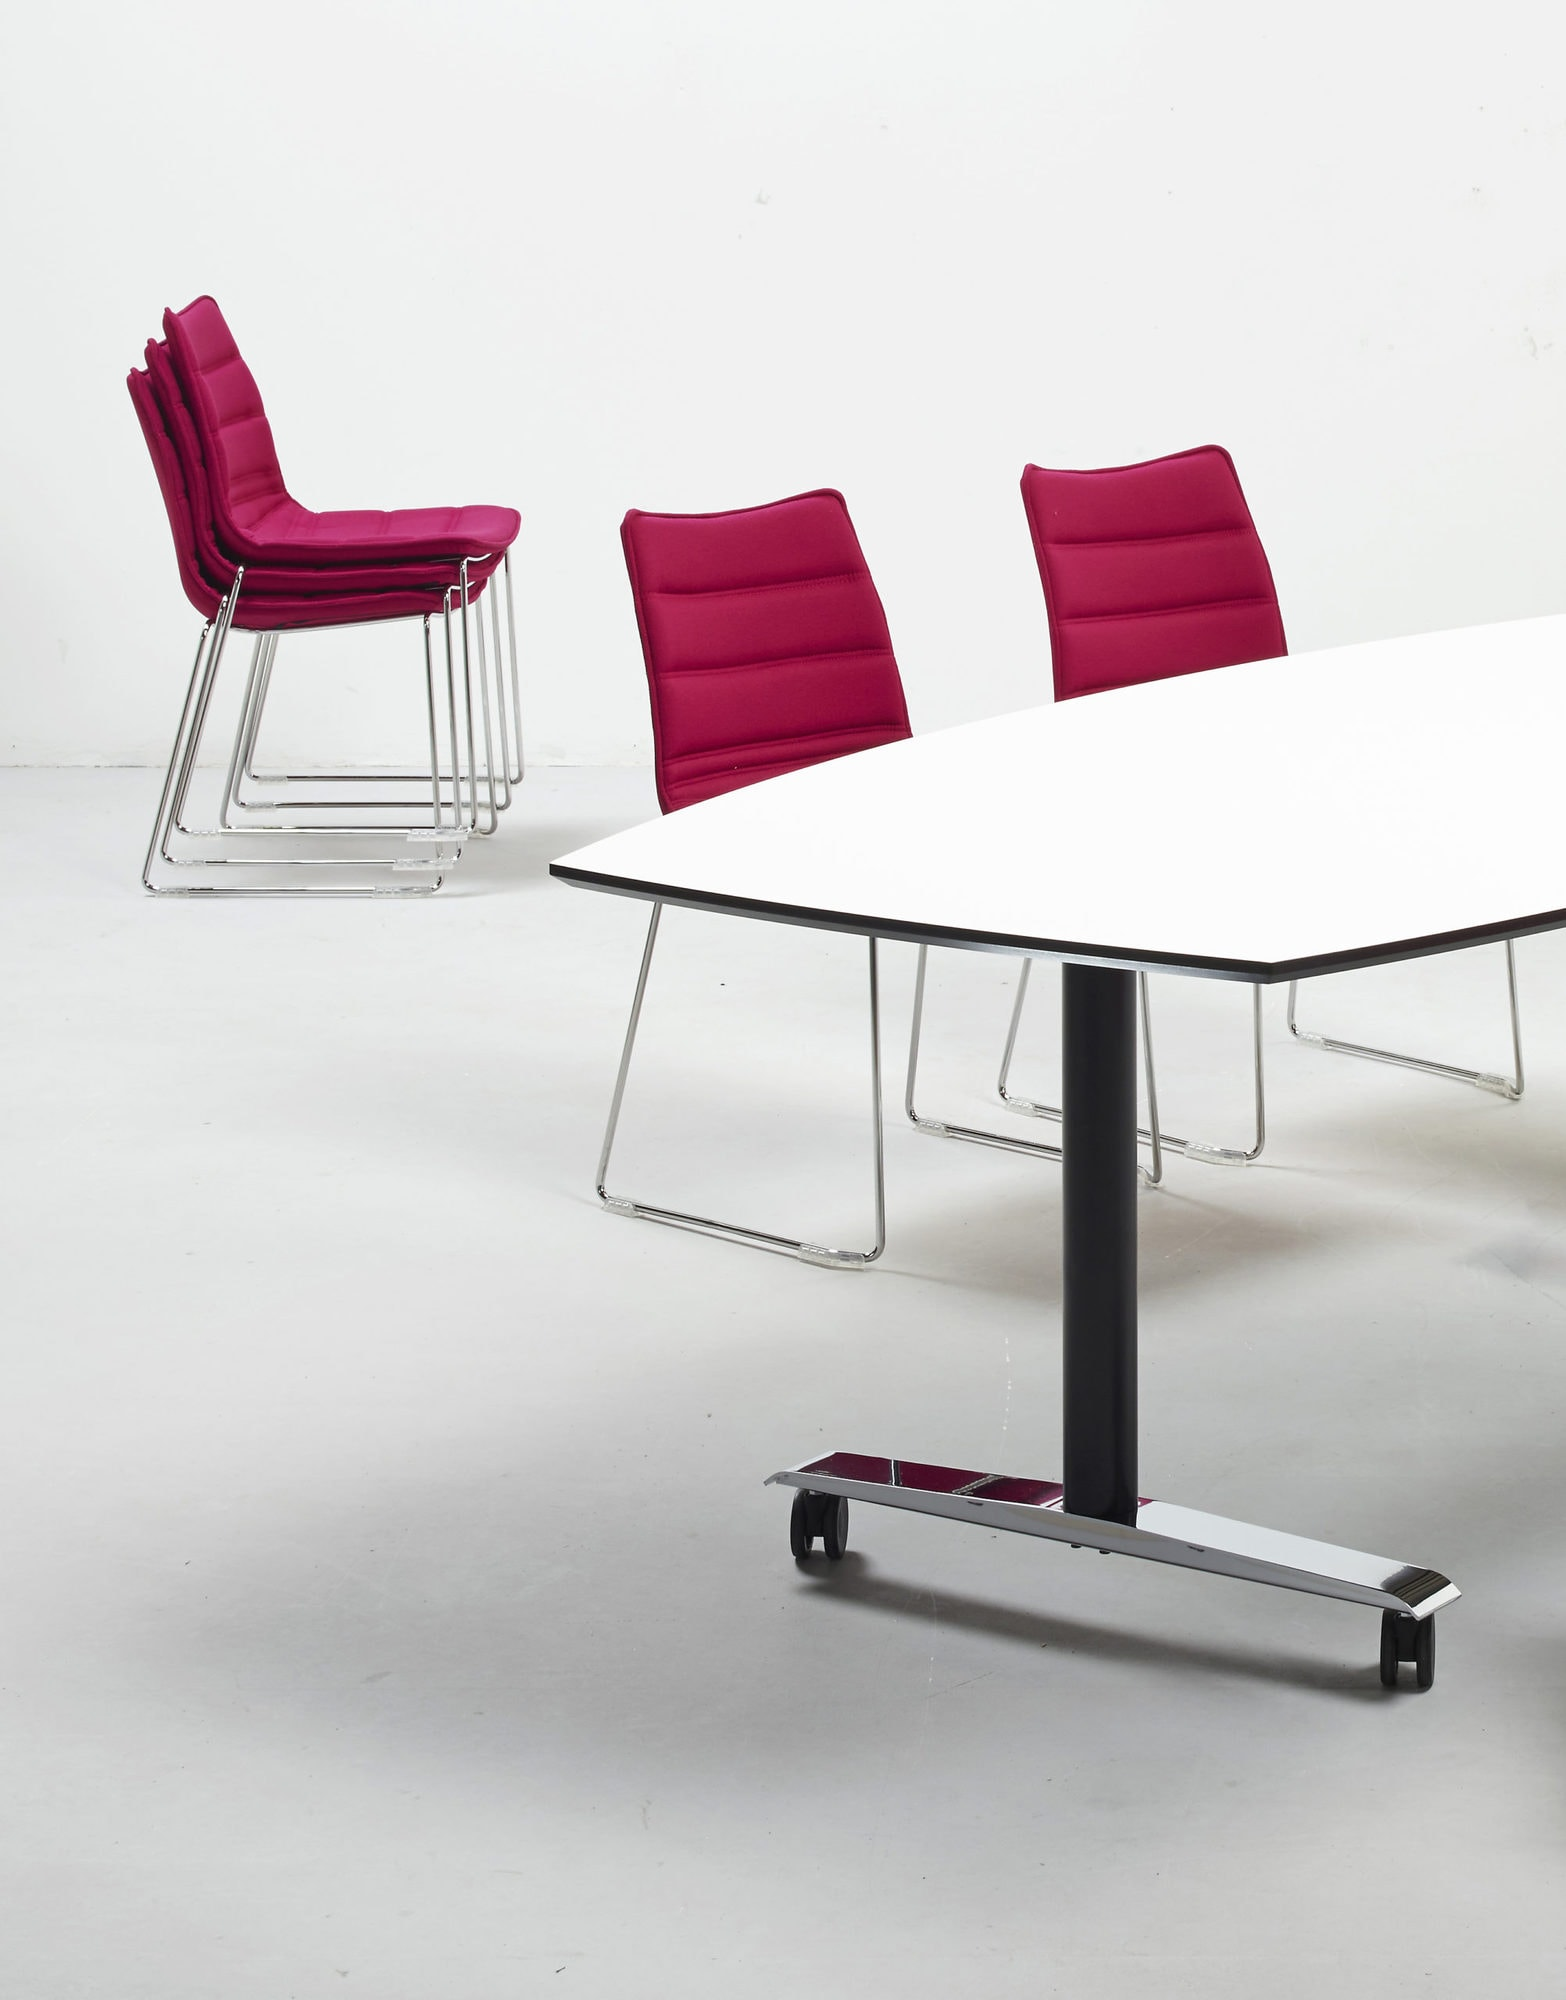 Cube Design - kontormøbler - medestol - kan stables - stol på meder